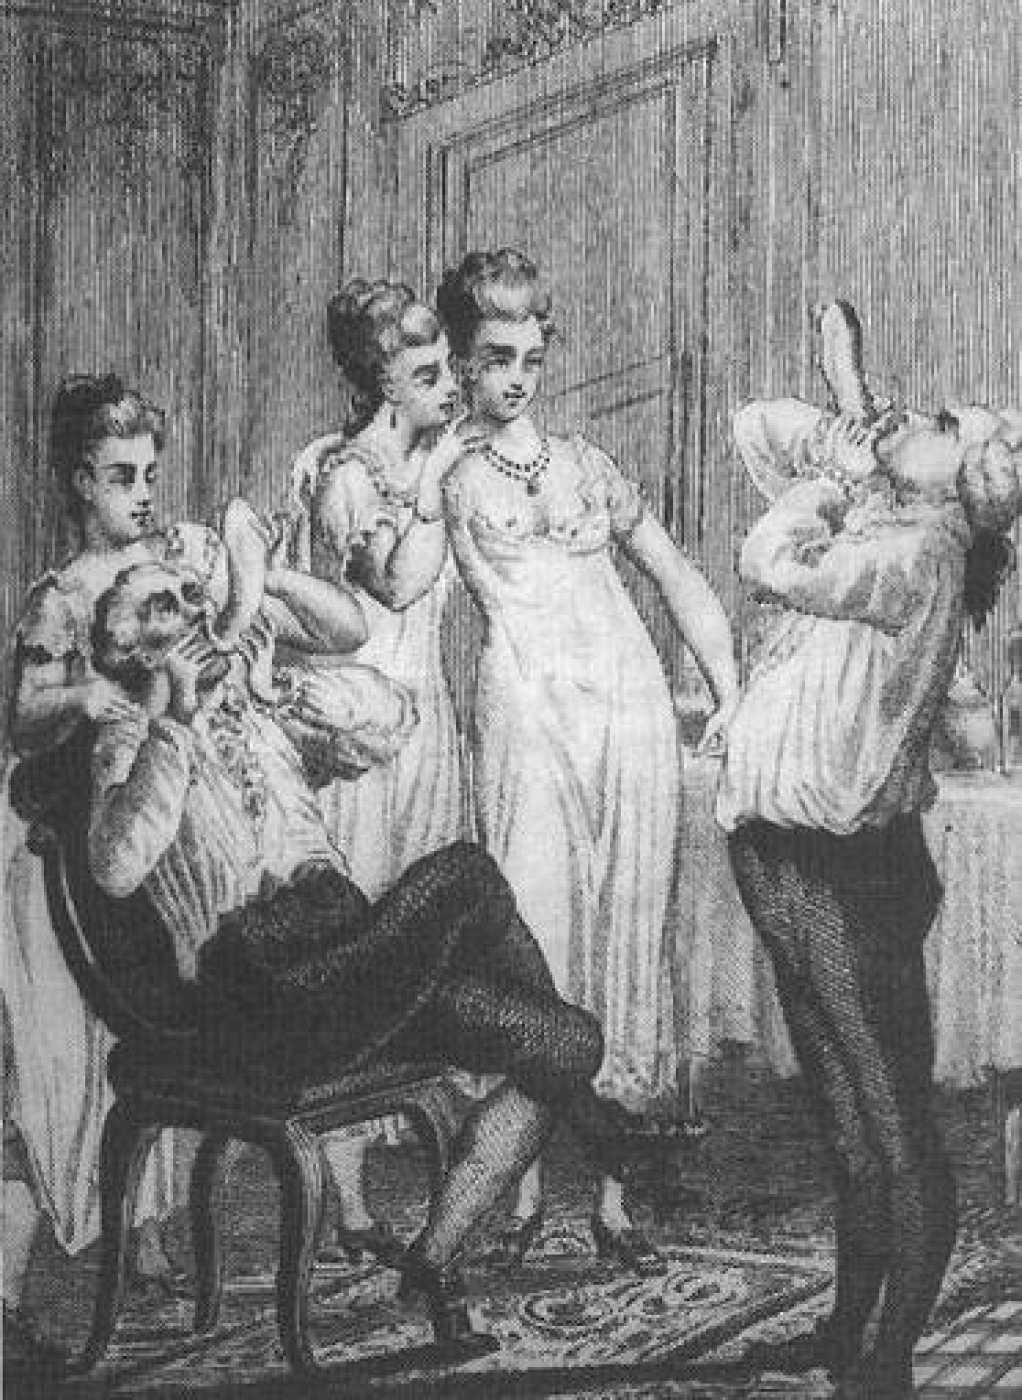 Comprobando que los condones están en buen estado. Memorias de Casanova (Imagen de la British Library London)